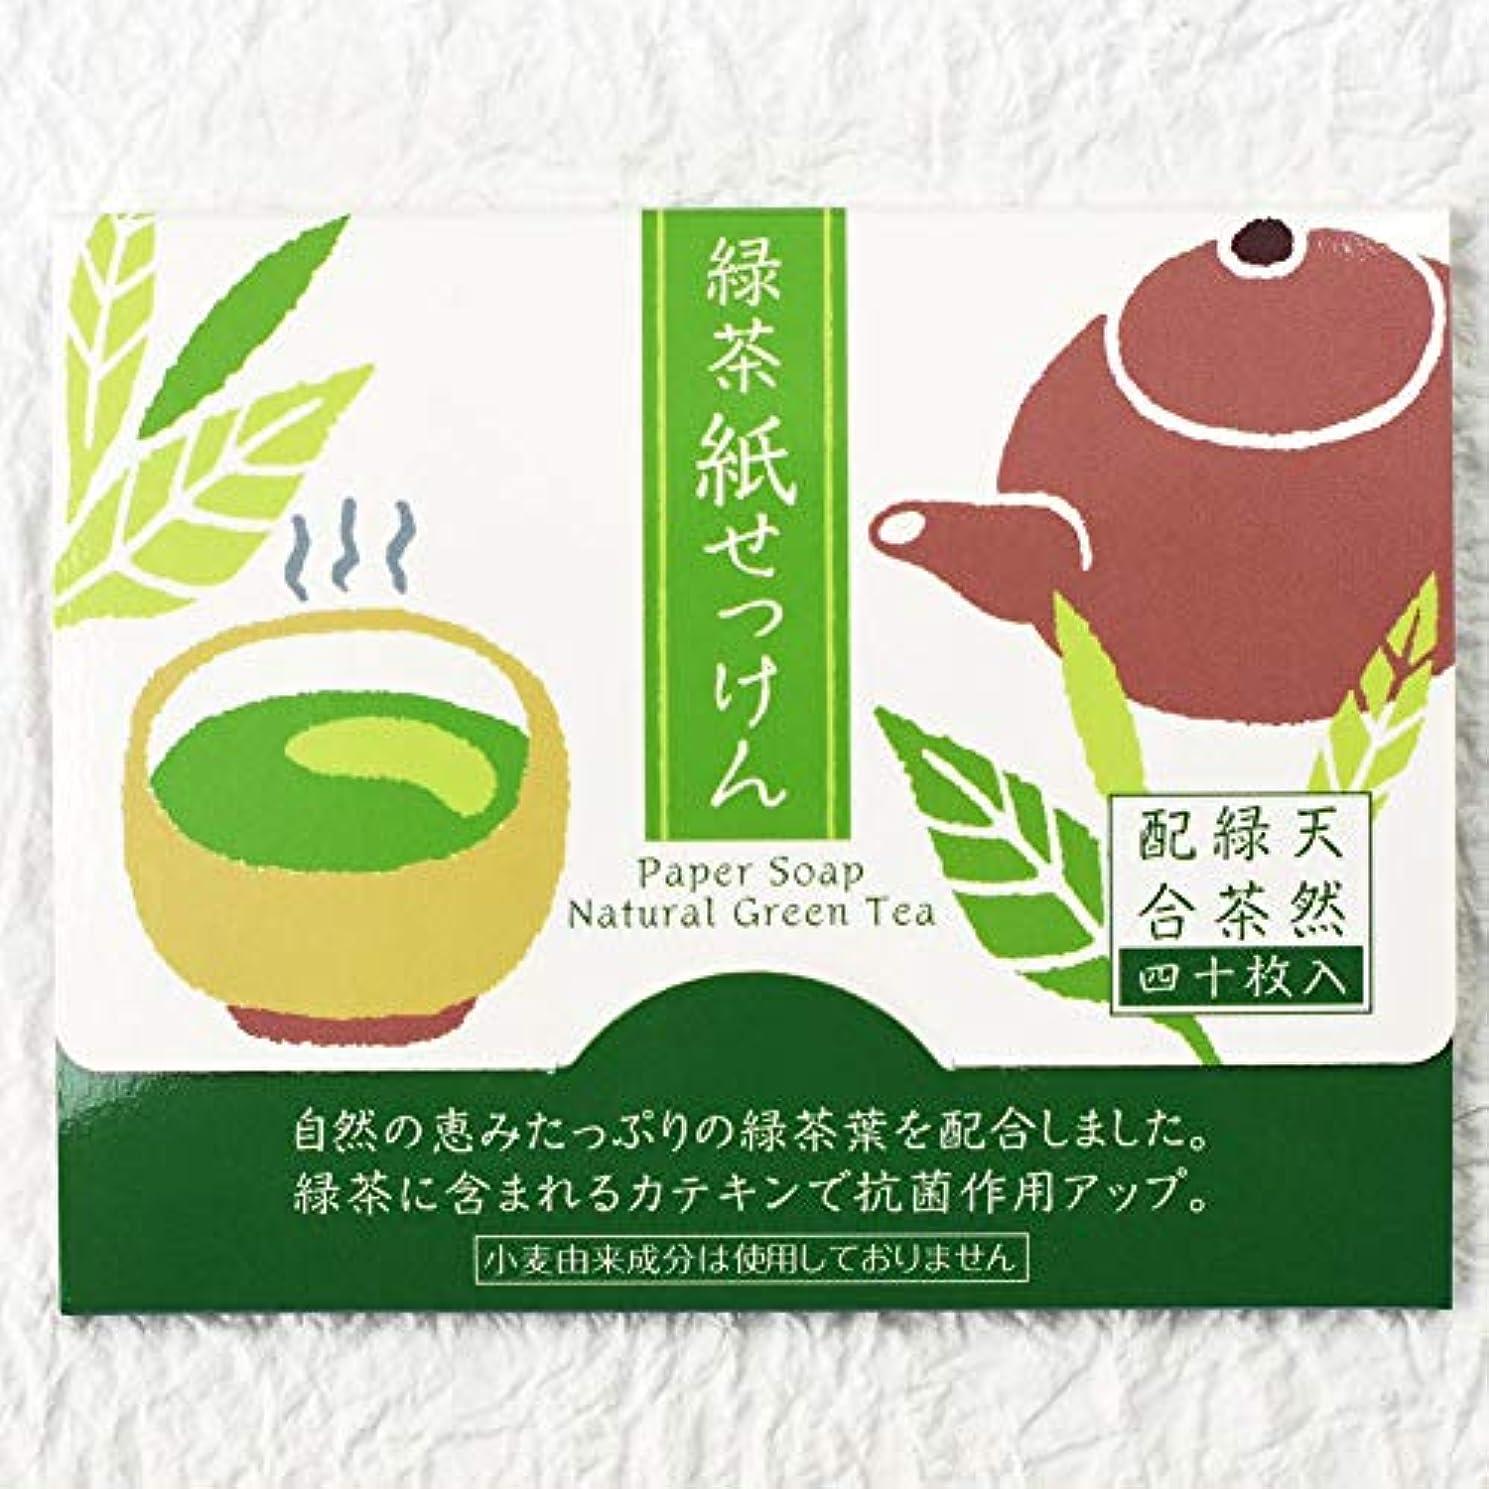 屋内で港正直表現社 紙せっけん 天然緑茶配合 22-289